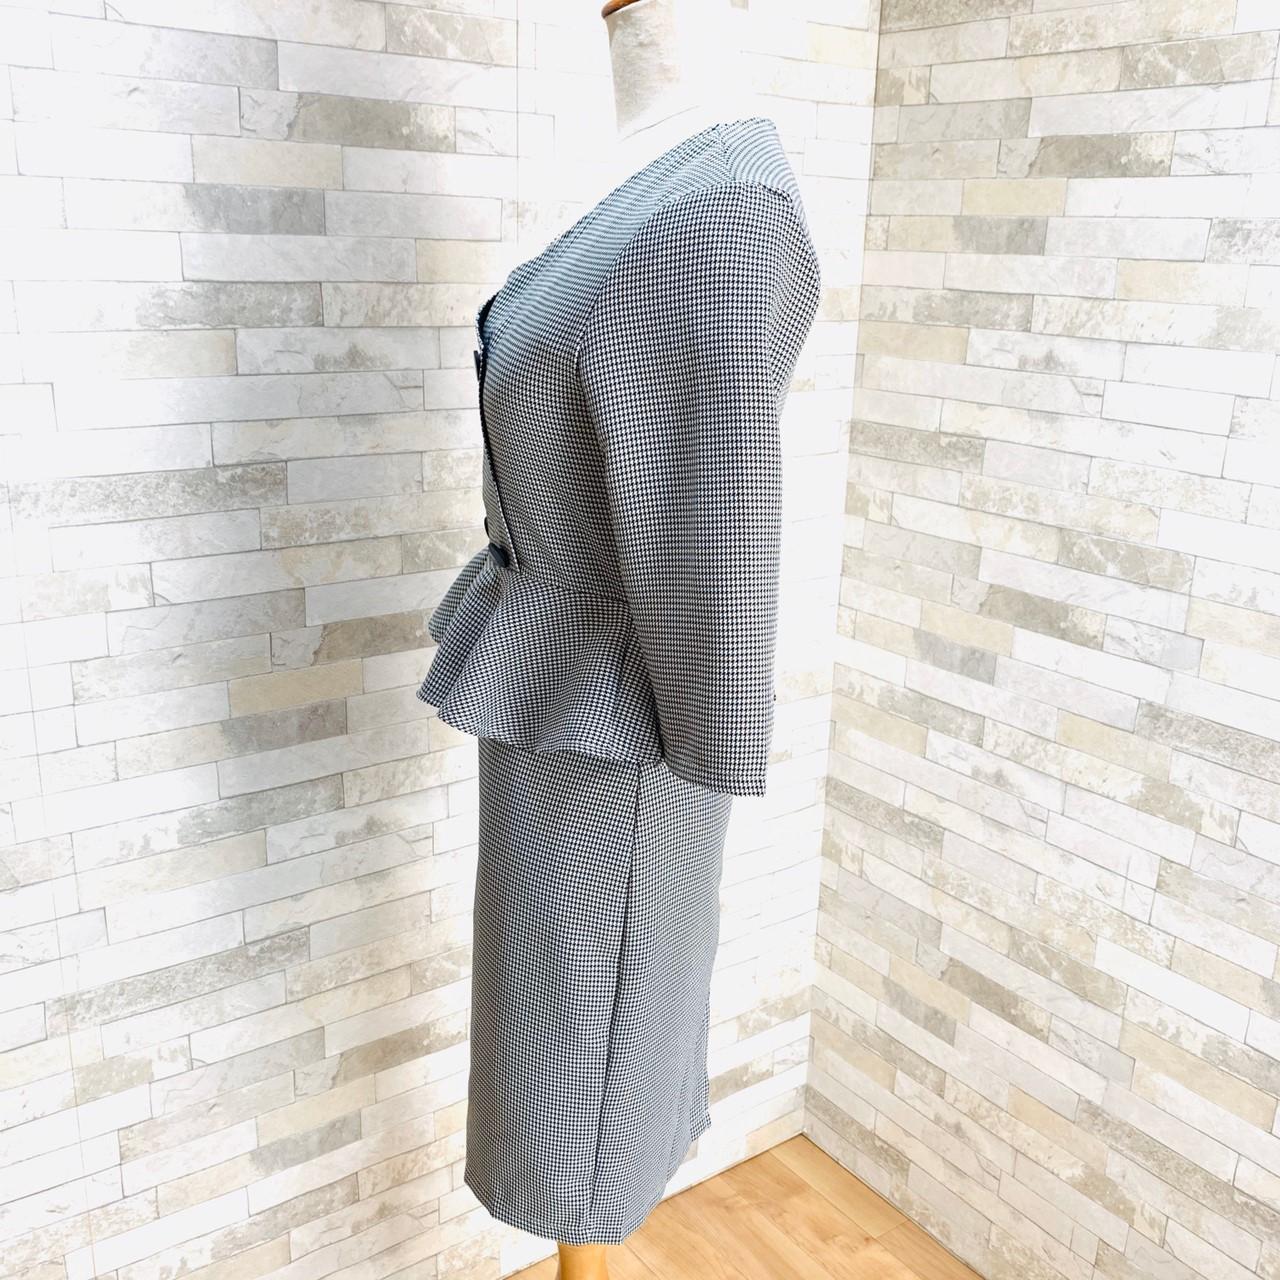 【即納】韓国 ファッション ワンピース パーティードレス ショート ミニ丈 秋 冬 パーティー ブライダル SPTXG941 結婚式 お呼ばれ モノトーン ノーカラー ペプラ 二次会 セレブ きれいめの写真18枚目